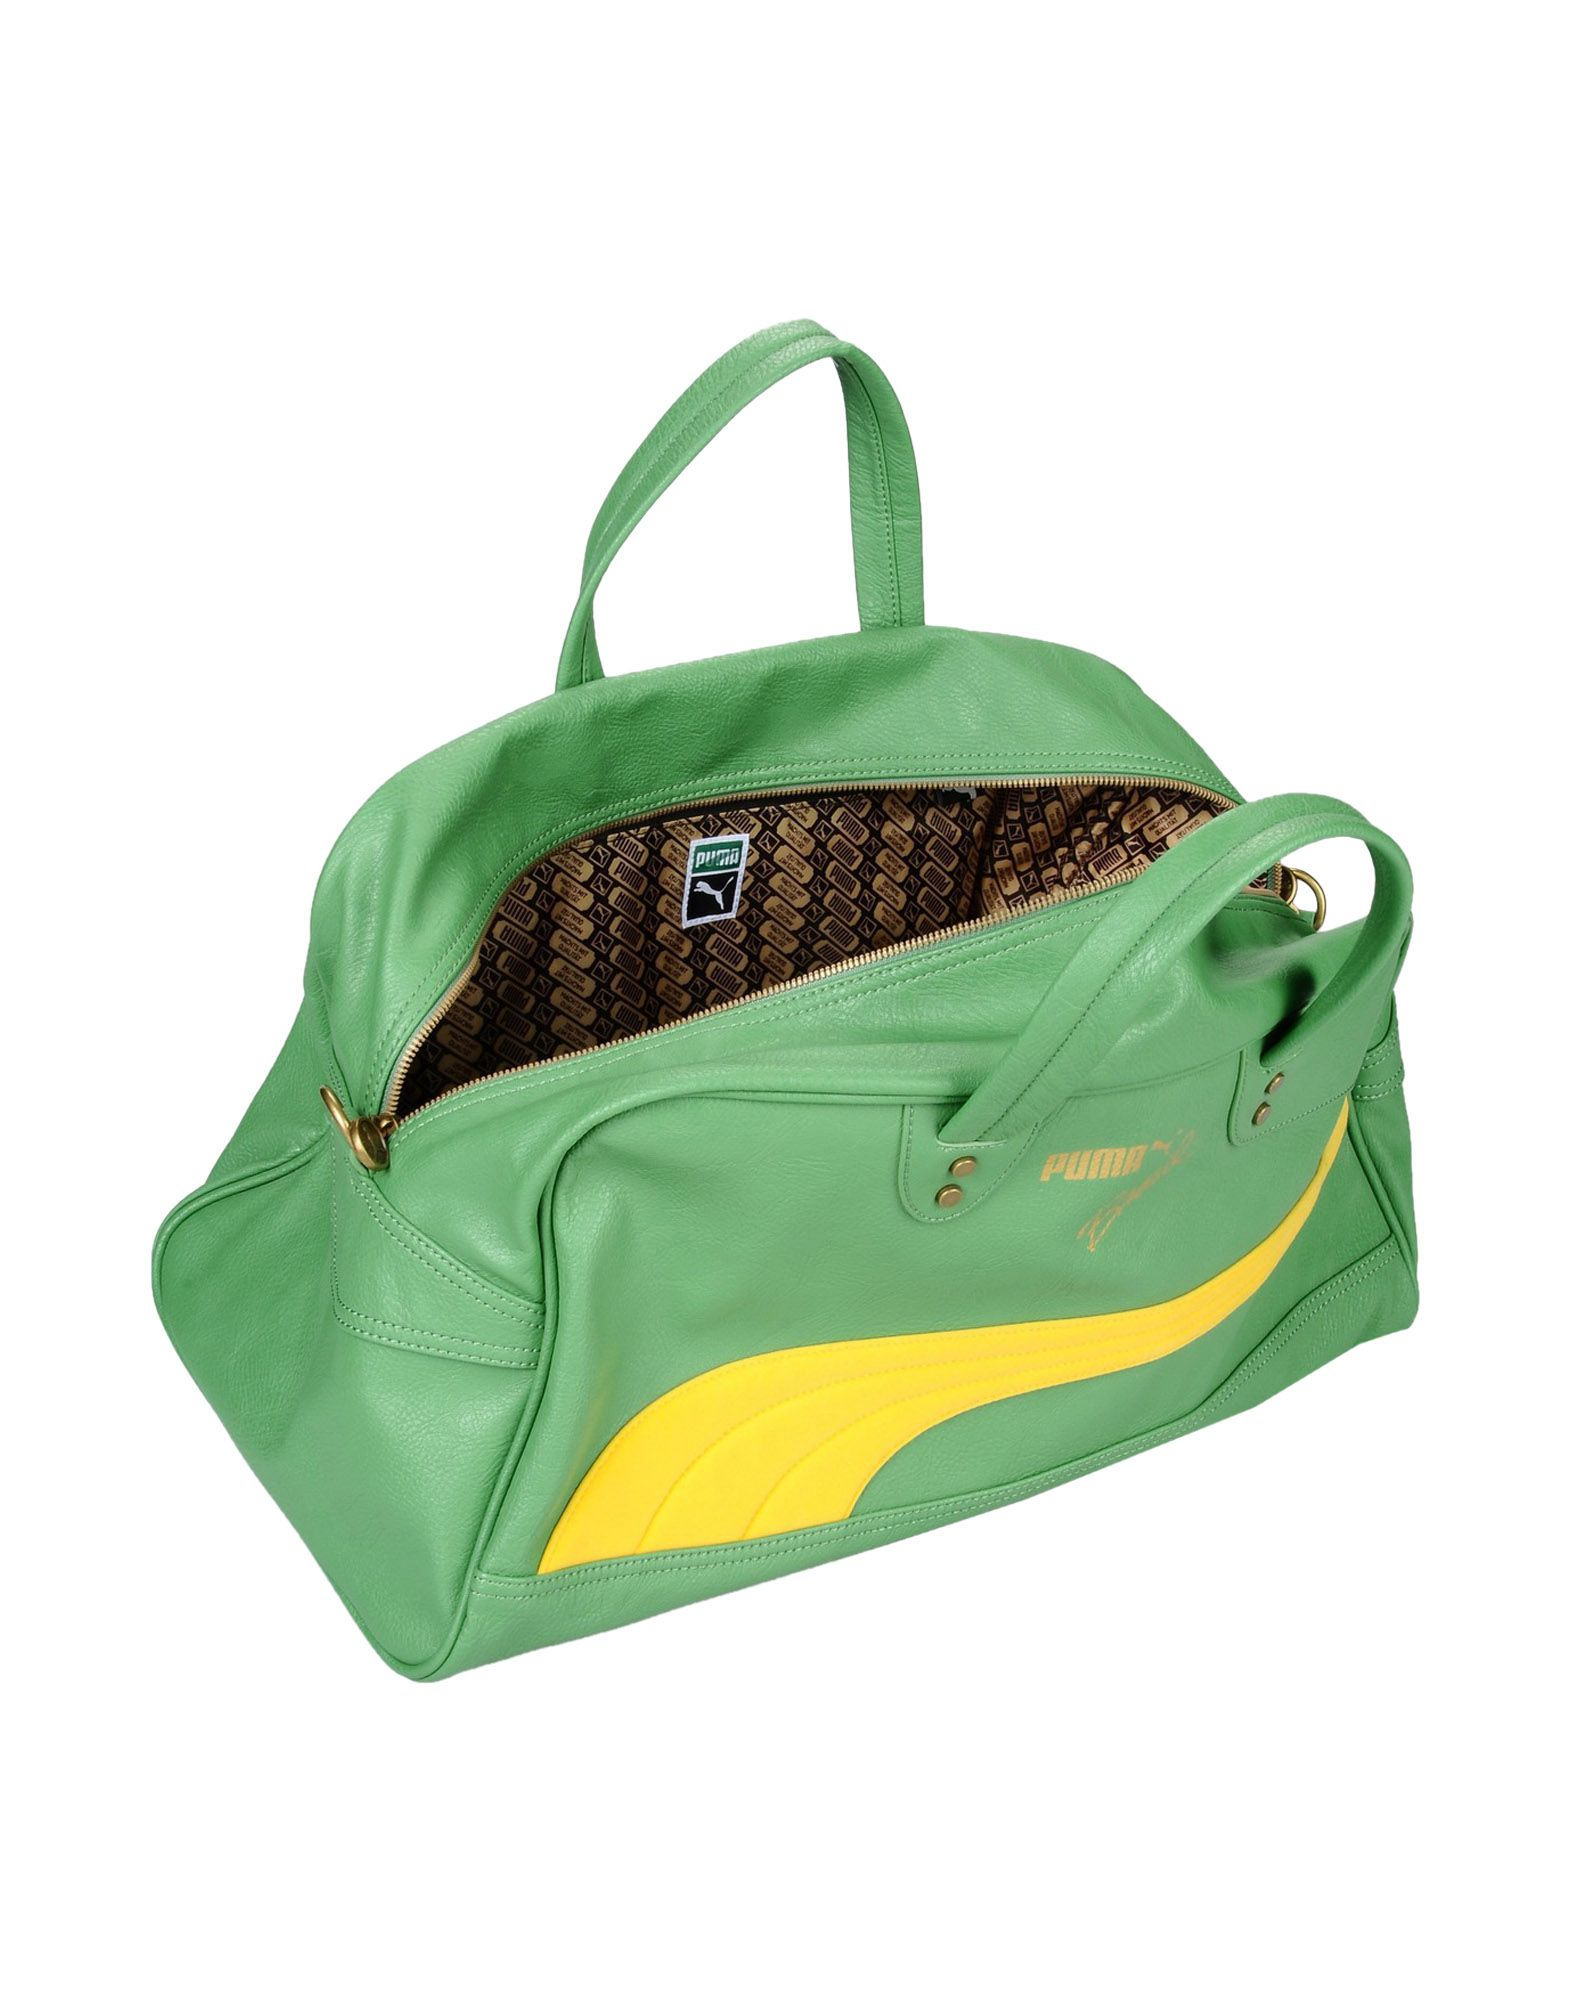 57a3e17c3a Lyst - PUMA Luggage in Green